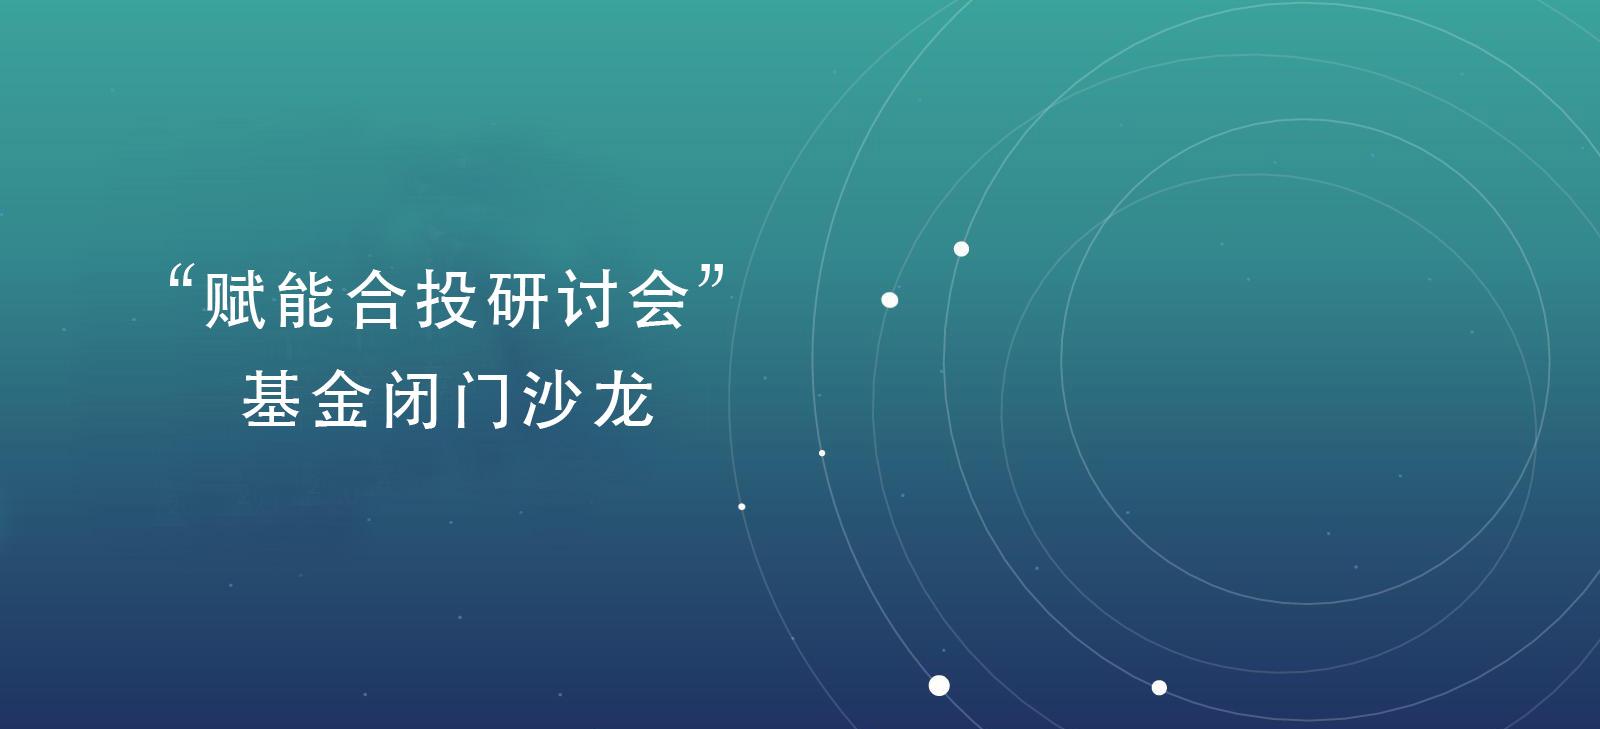 10.23福州沙龙预告 | 赋能合投研讨会,福州深圳跨地联动